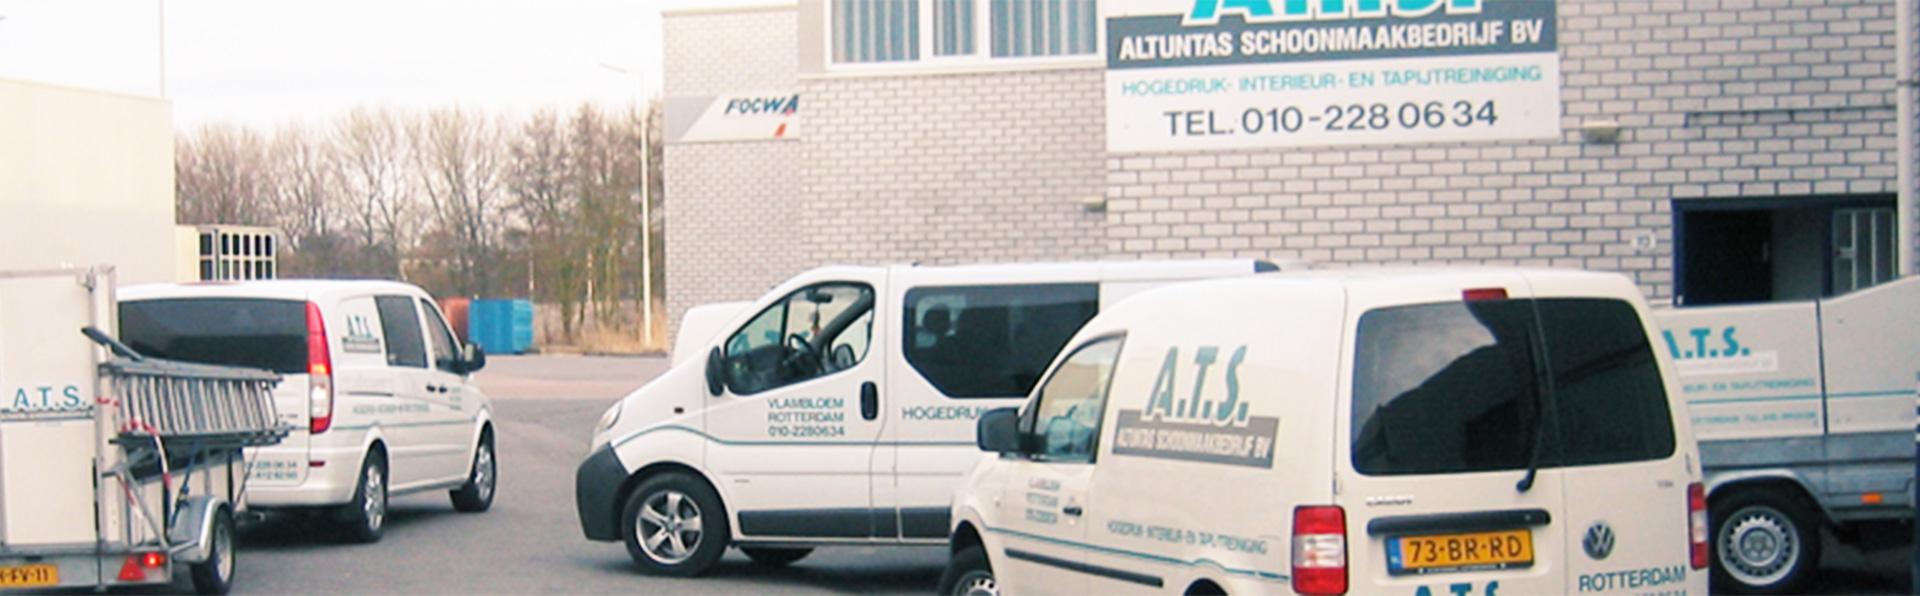 Schoonmaakbedrijf- Delft-ATS-header